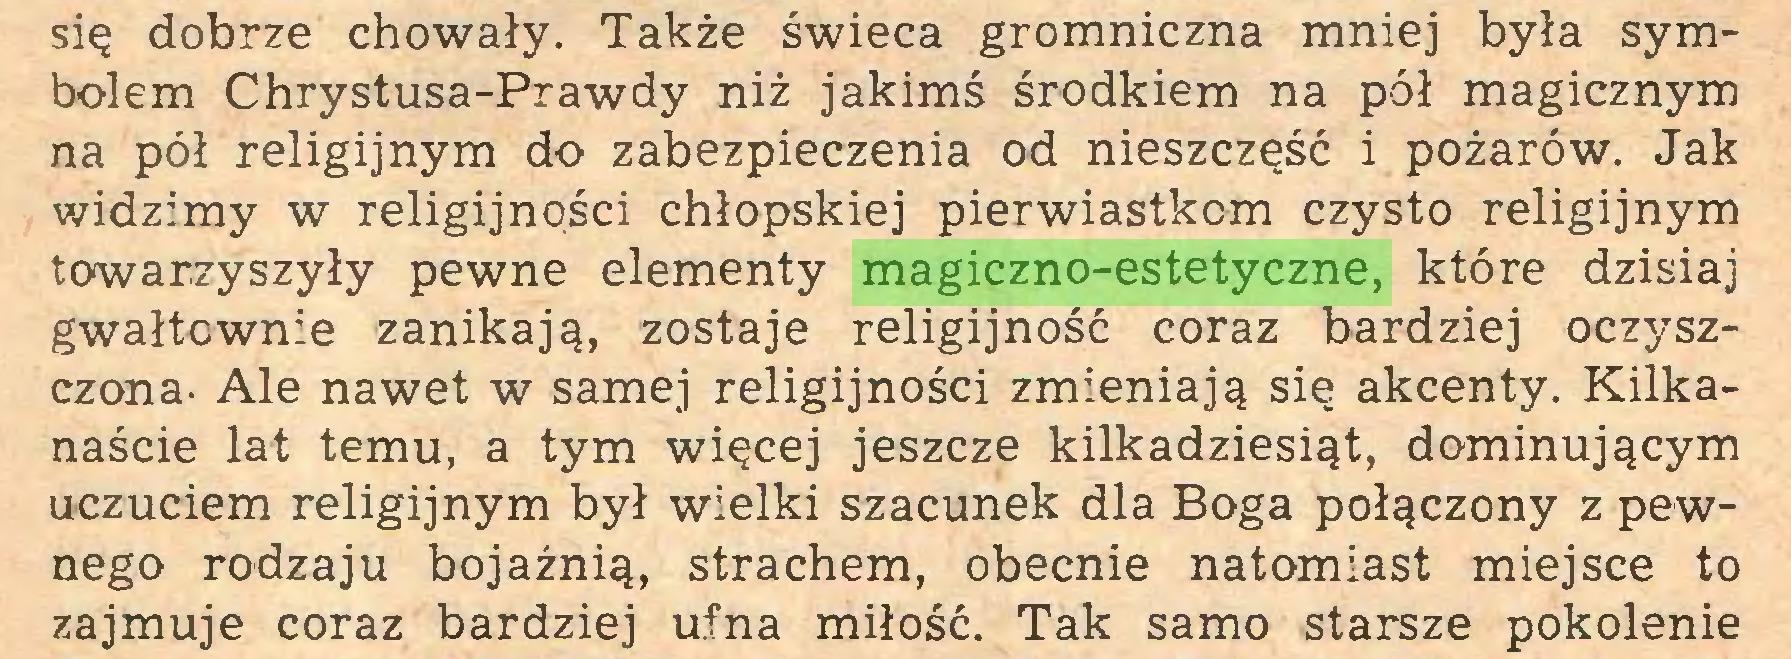 (...) się dobrze chowały. Także świeca gromniczna mniej była symbolem Chrystusa-Prawdy niż jakimś środkiem na pół magicznym na pół religijnym do zabezpieczenia od nieszczęść i pożarów. Jak widzimy w religijności chłopskiej pierwiastkom czysto religijnym towarzyszyły pewne elementy magiczno-estetyczne, które dzisiaj gwałtownie zanikają, zostaje religijność coraz bardziej oczyszczona- Ale nawet w samej religijności zmieniają się akcenty. Kilkanaście lat temu, a tym więcej jeszcze kilkadziesiąt, dominującym uczuciem religijnym był wielki szacunek dla Boga połączony z pewnego rodzaju bojaźnią, strachem, obecnie natomiast miejsce to zajmuje coraz bardziej ufna miłość. Tak samo starsze pokolenie...